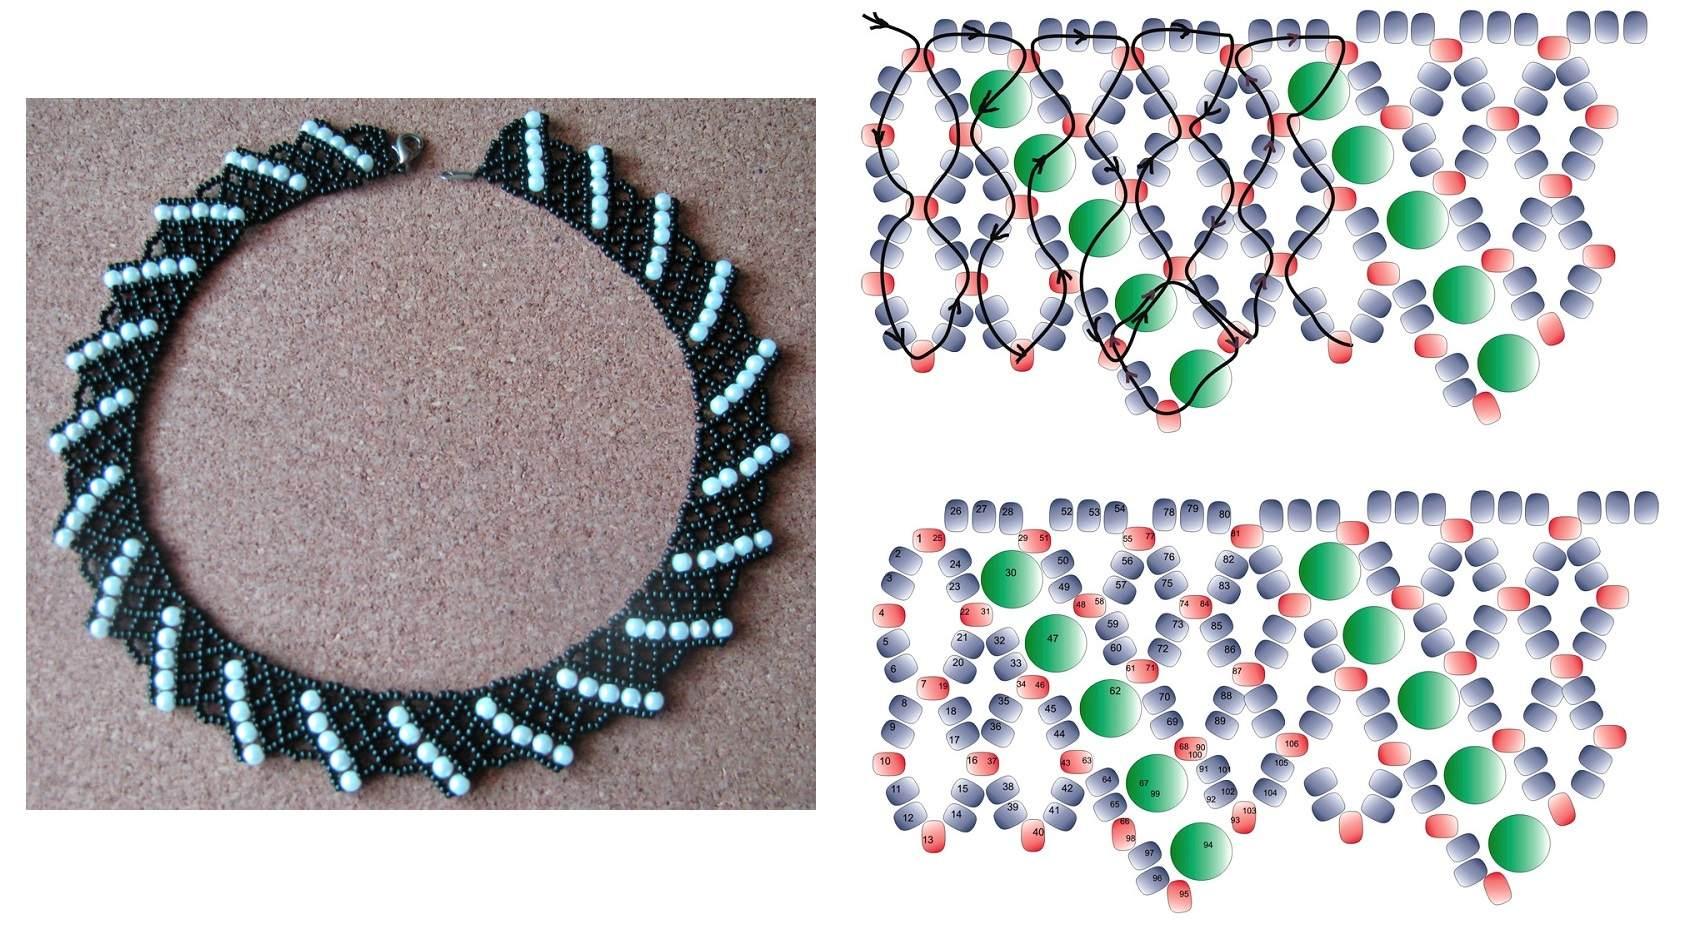 Бисероплетение колье: схемы для начинающих и мастер класс плетения простого ожерелья на шею